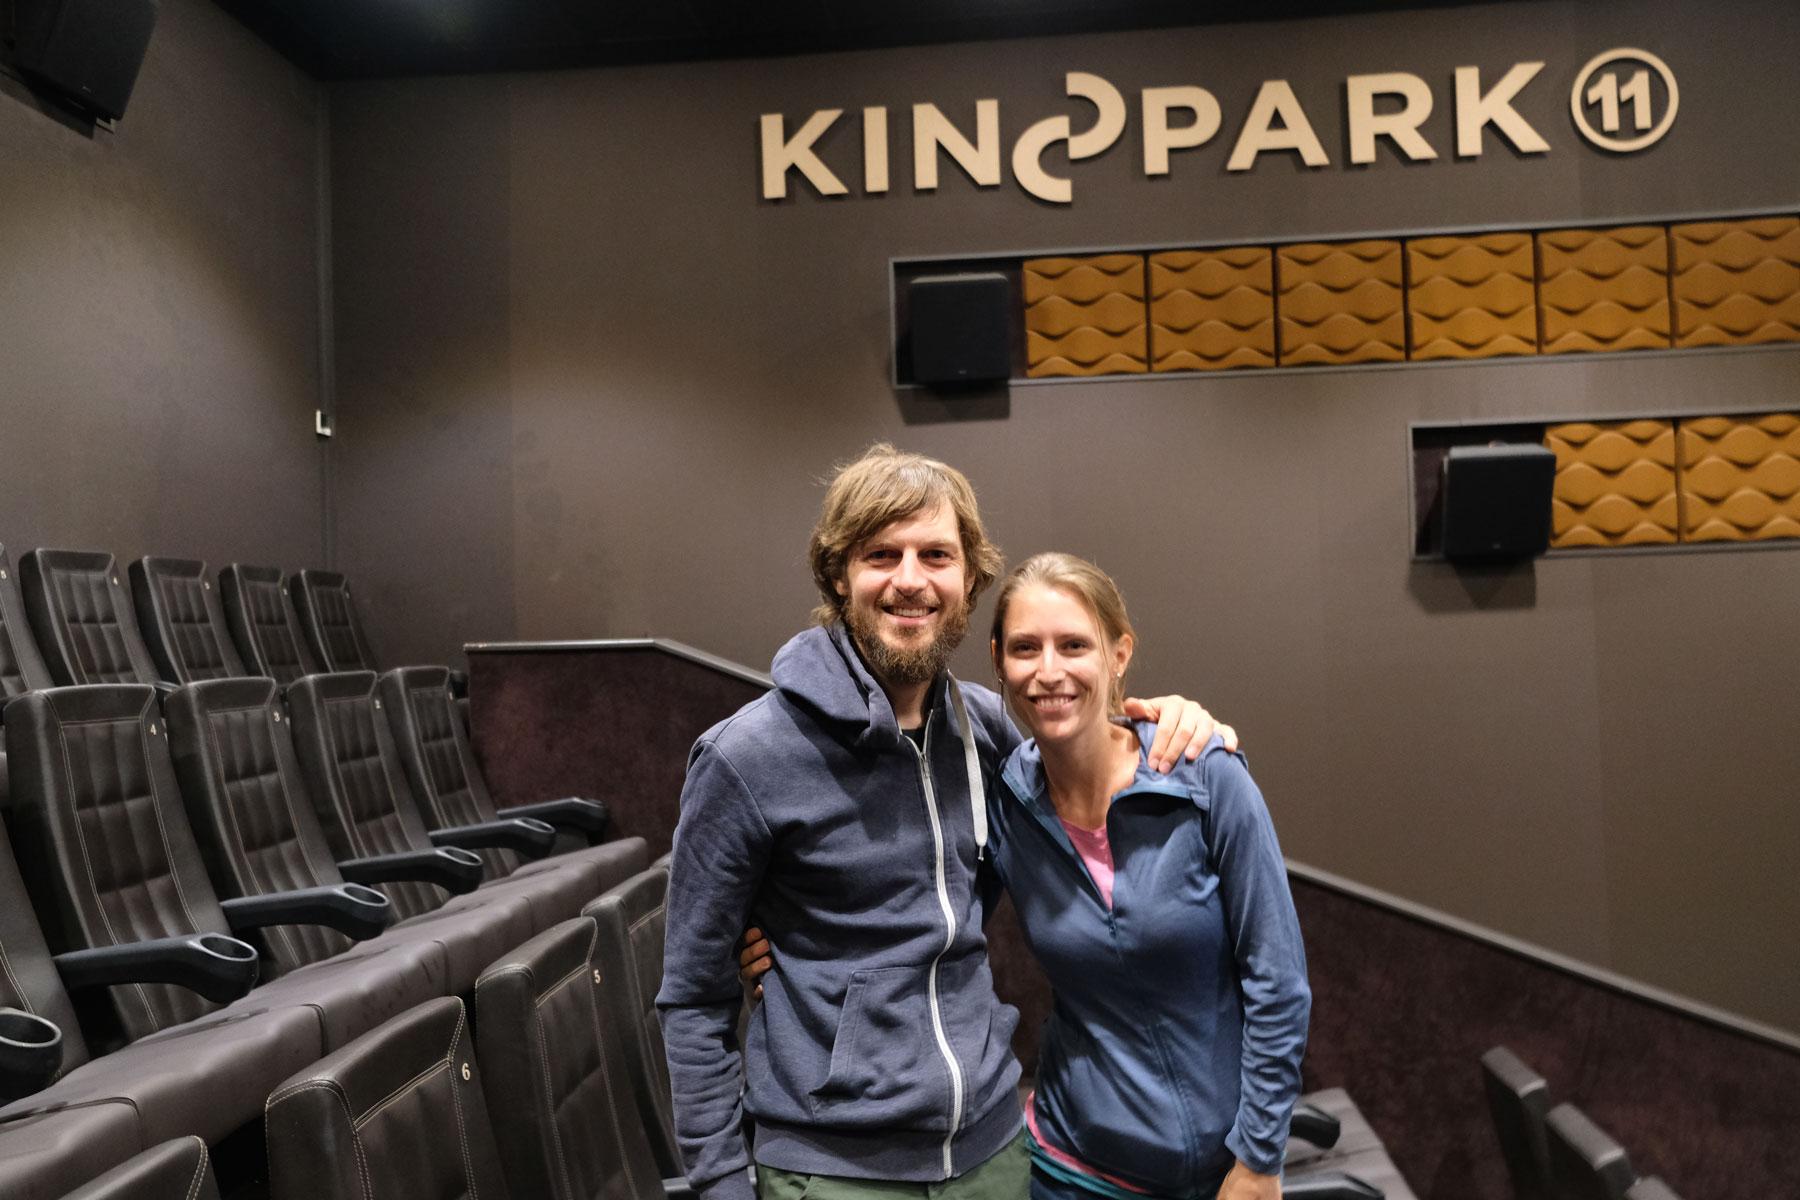 Zeit zum Relaxen. Unser halbjähriges Reisejubiläum feiern wir im Kino! :-)